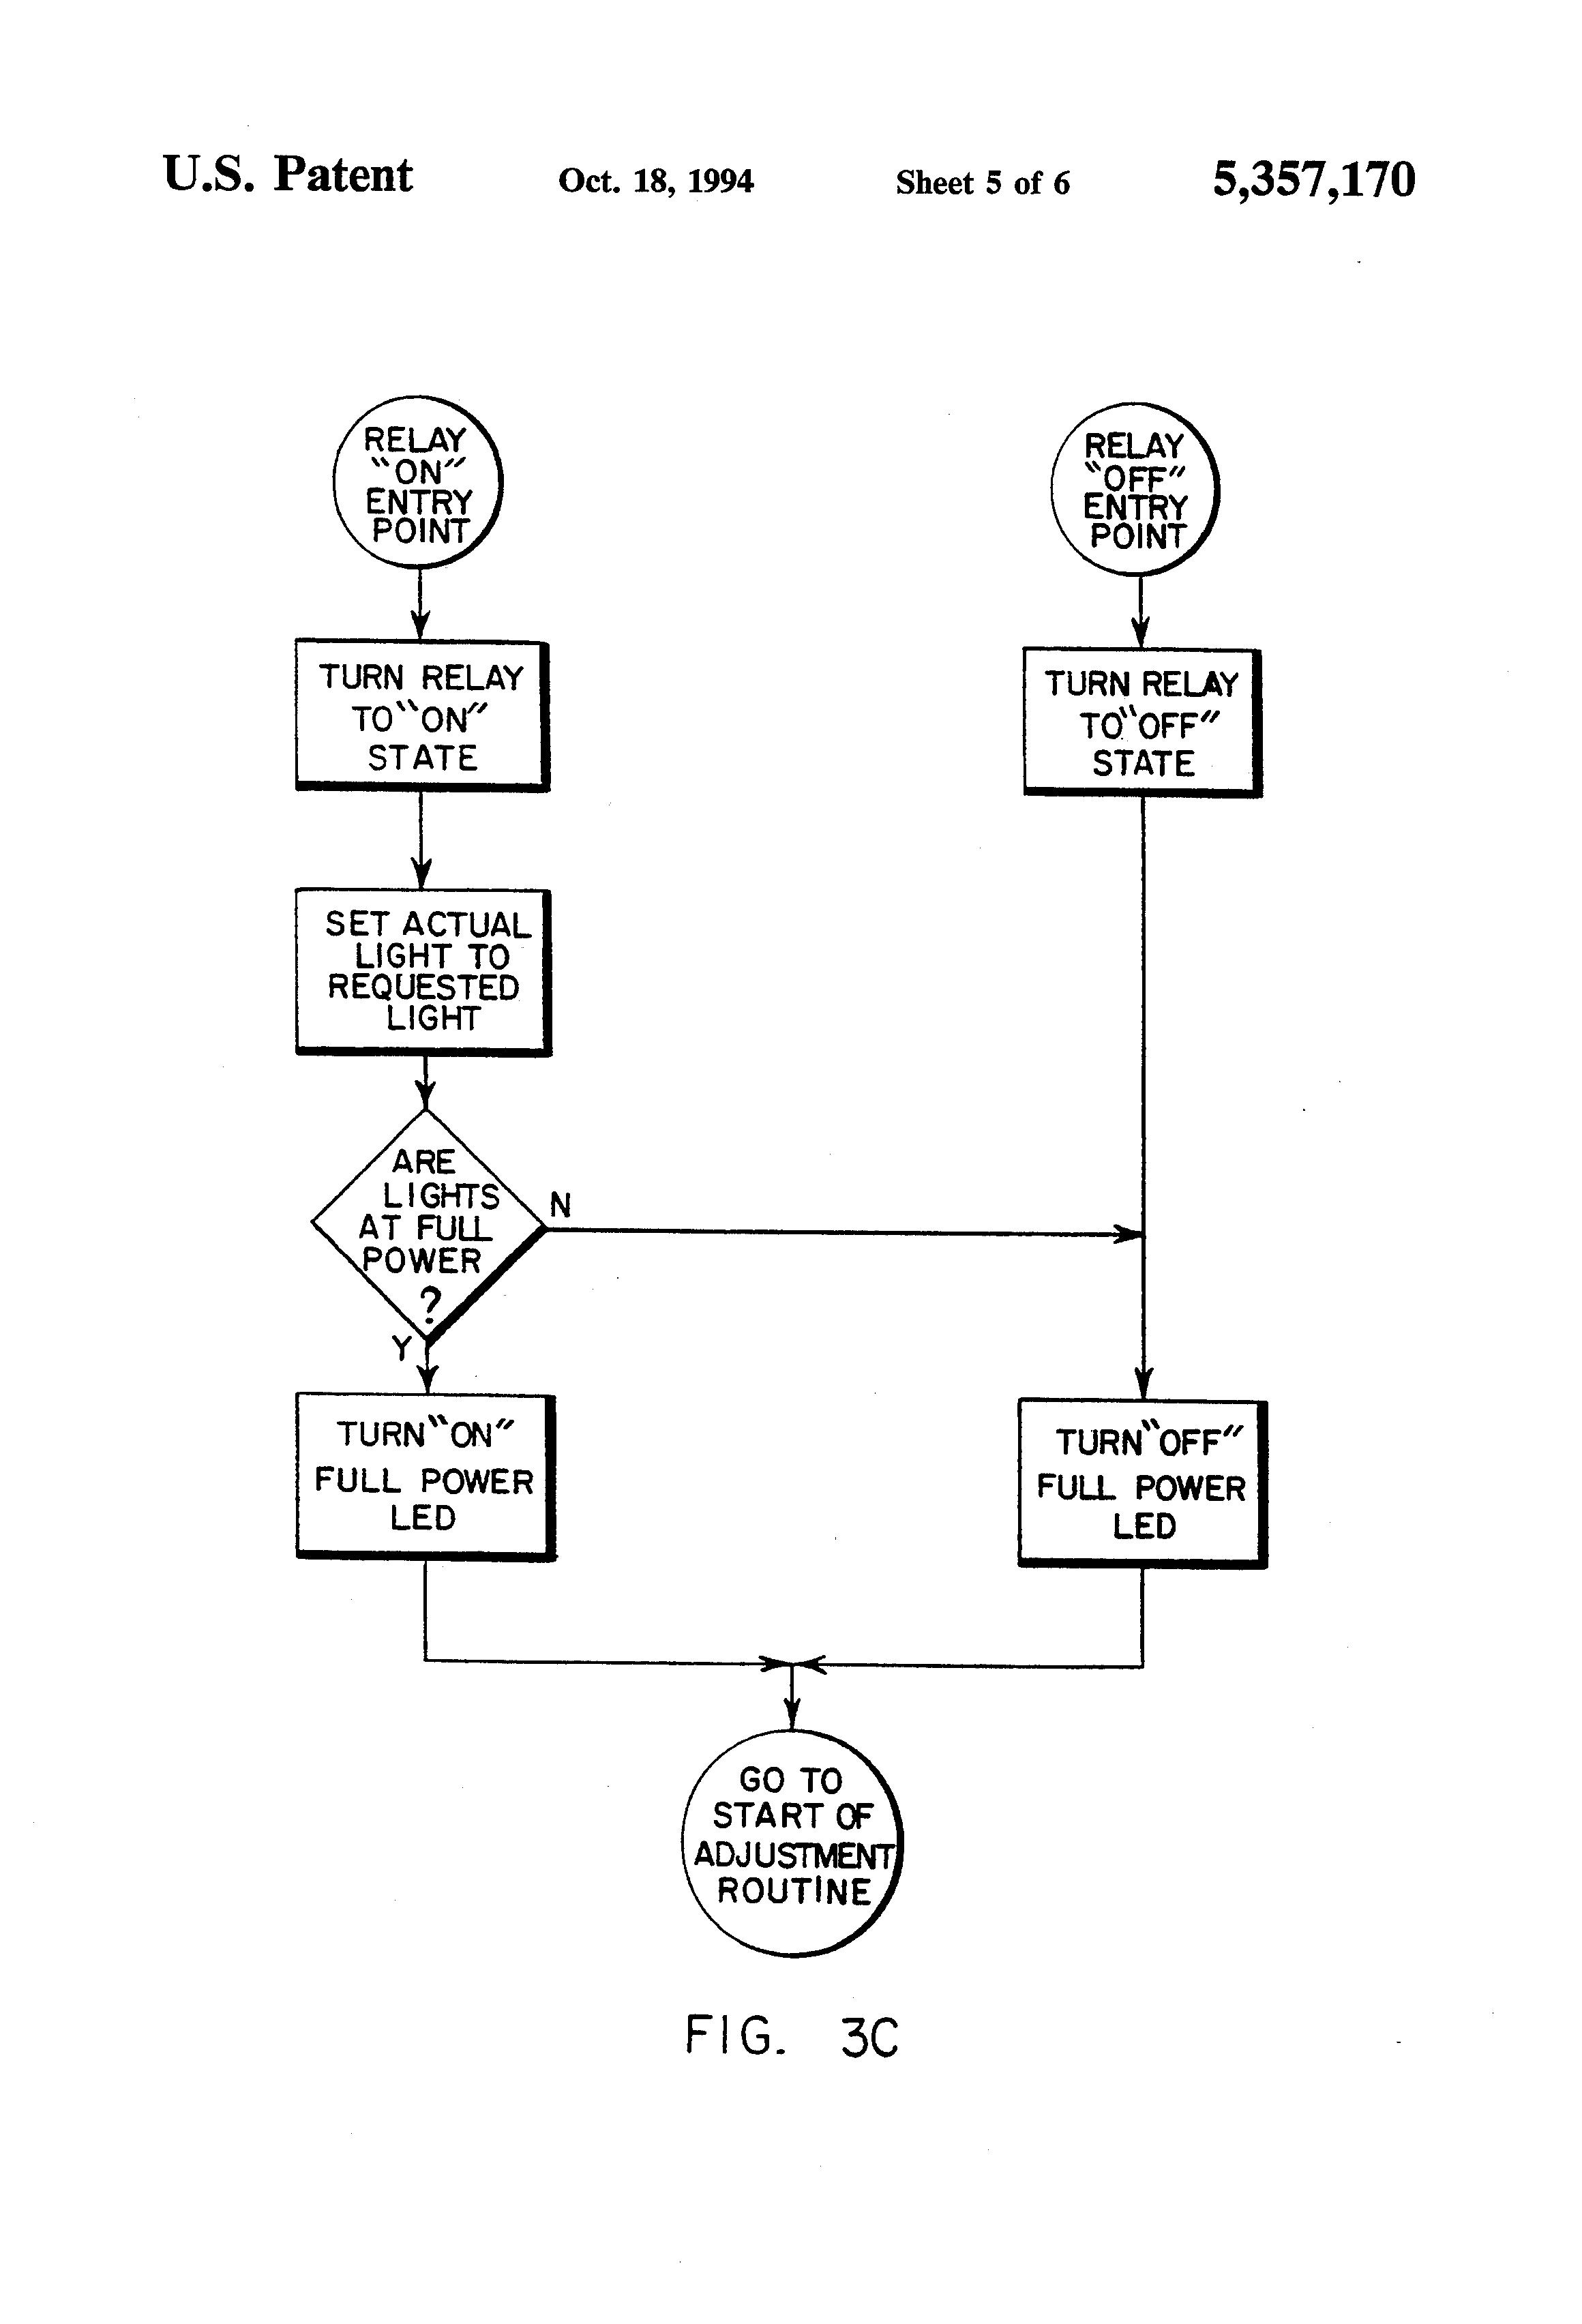 Lighting System Ladder Logic | Wiring Diagram Database